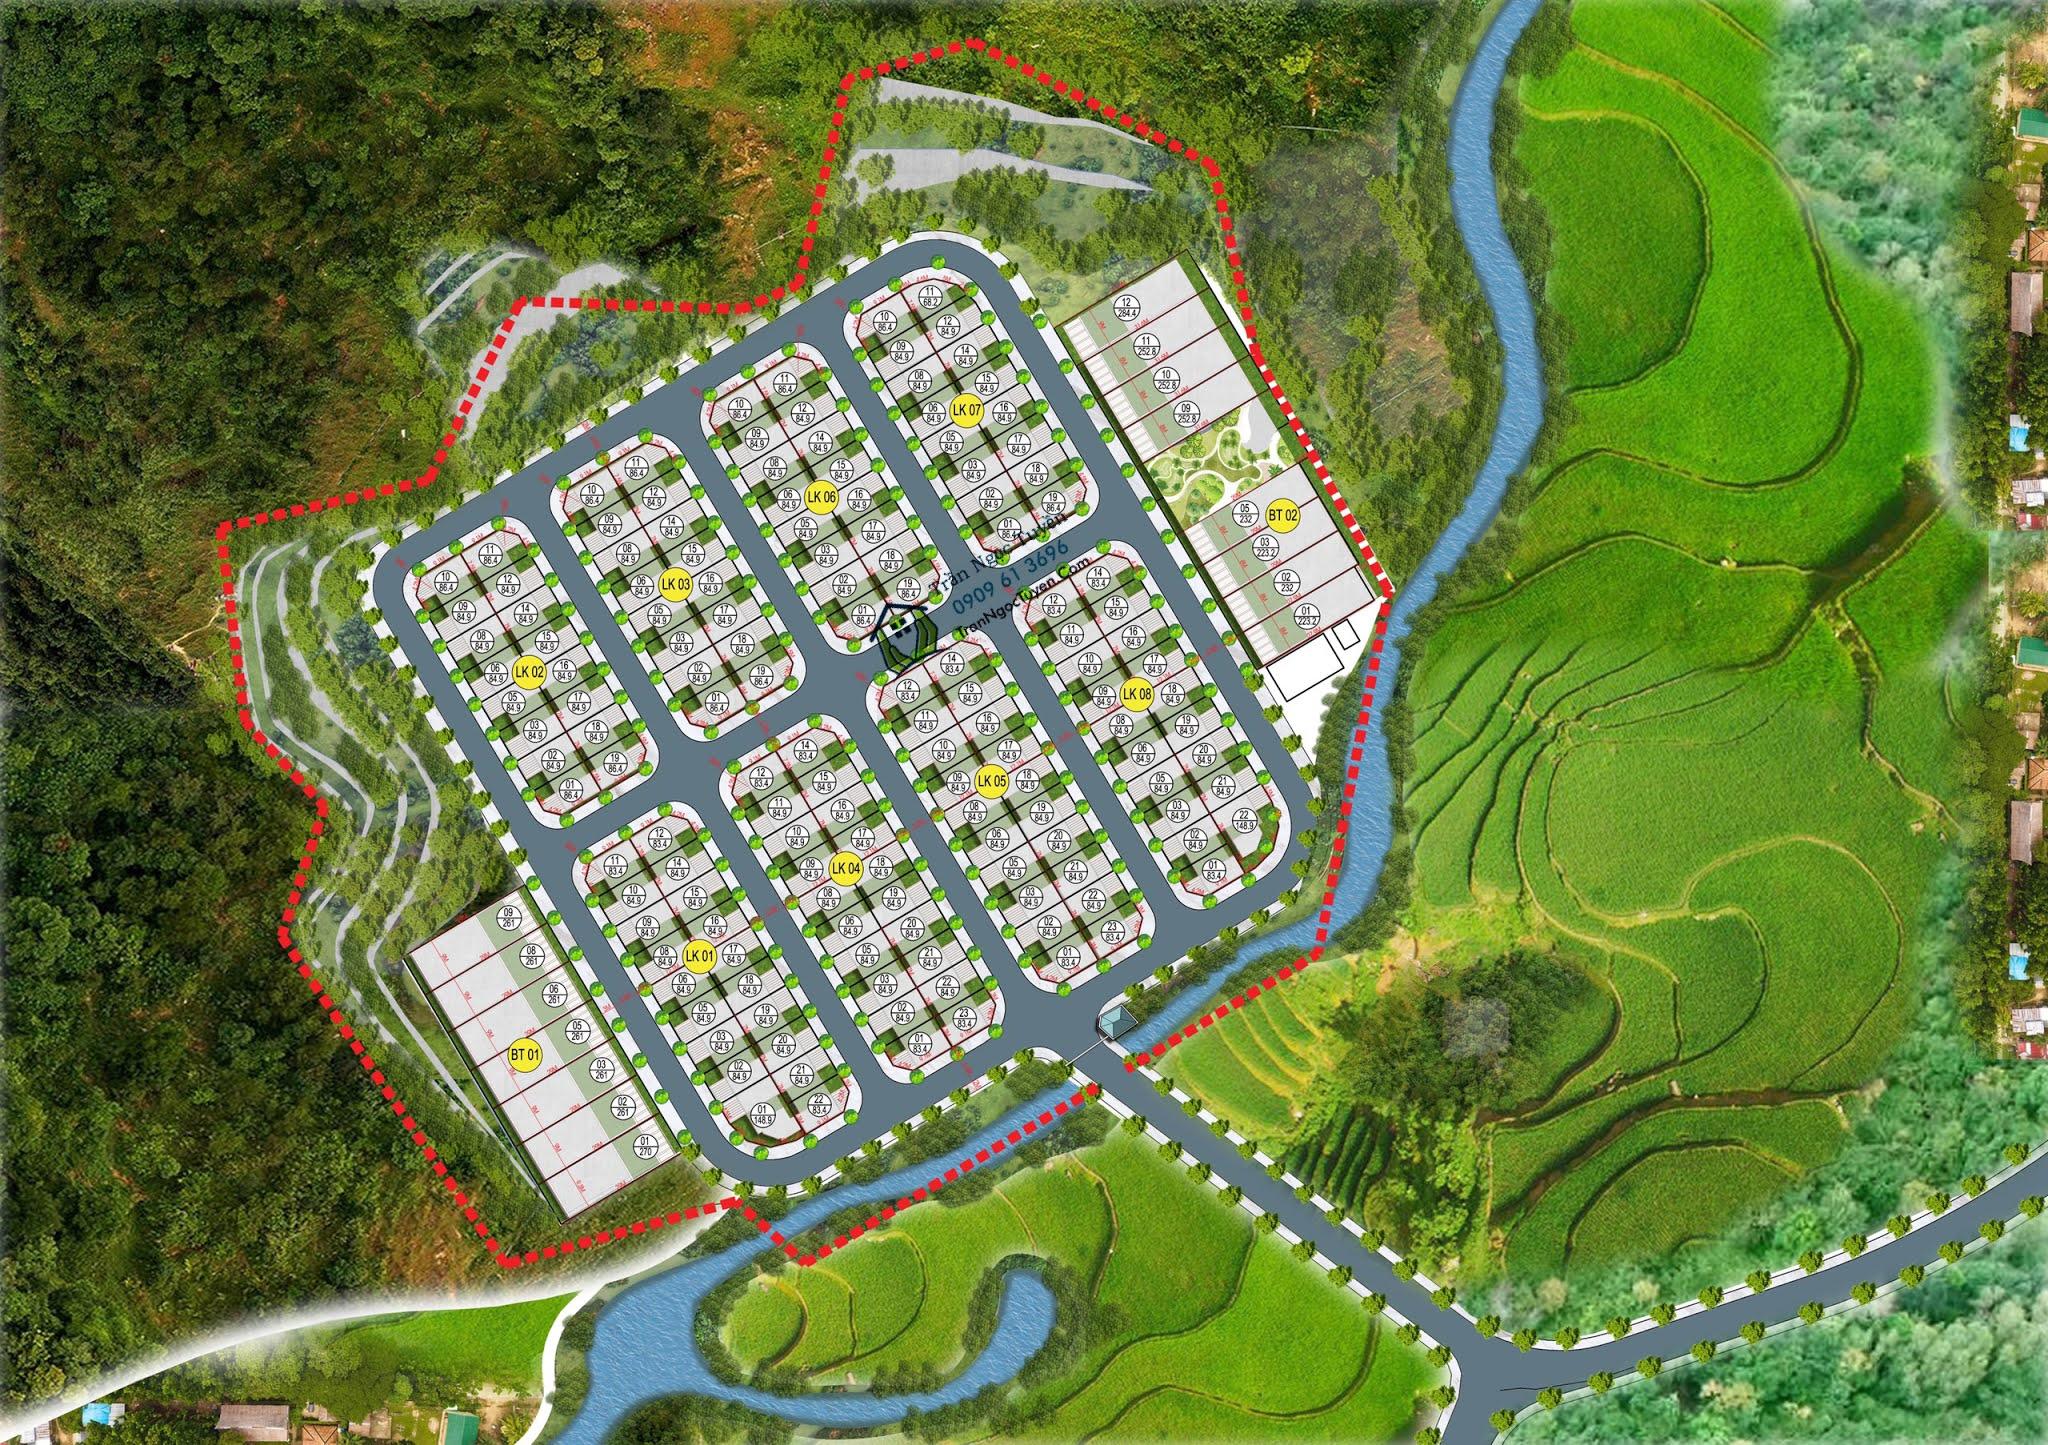 Hoà bình Green Valley sơ đồ quy hoạch phân lô